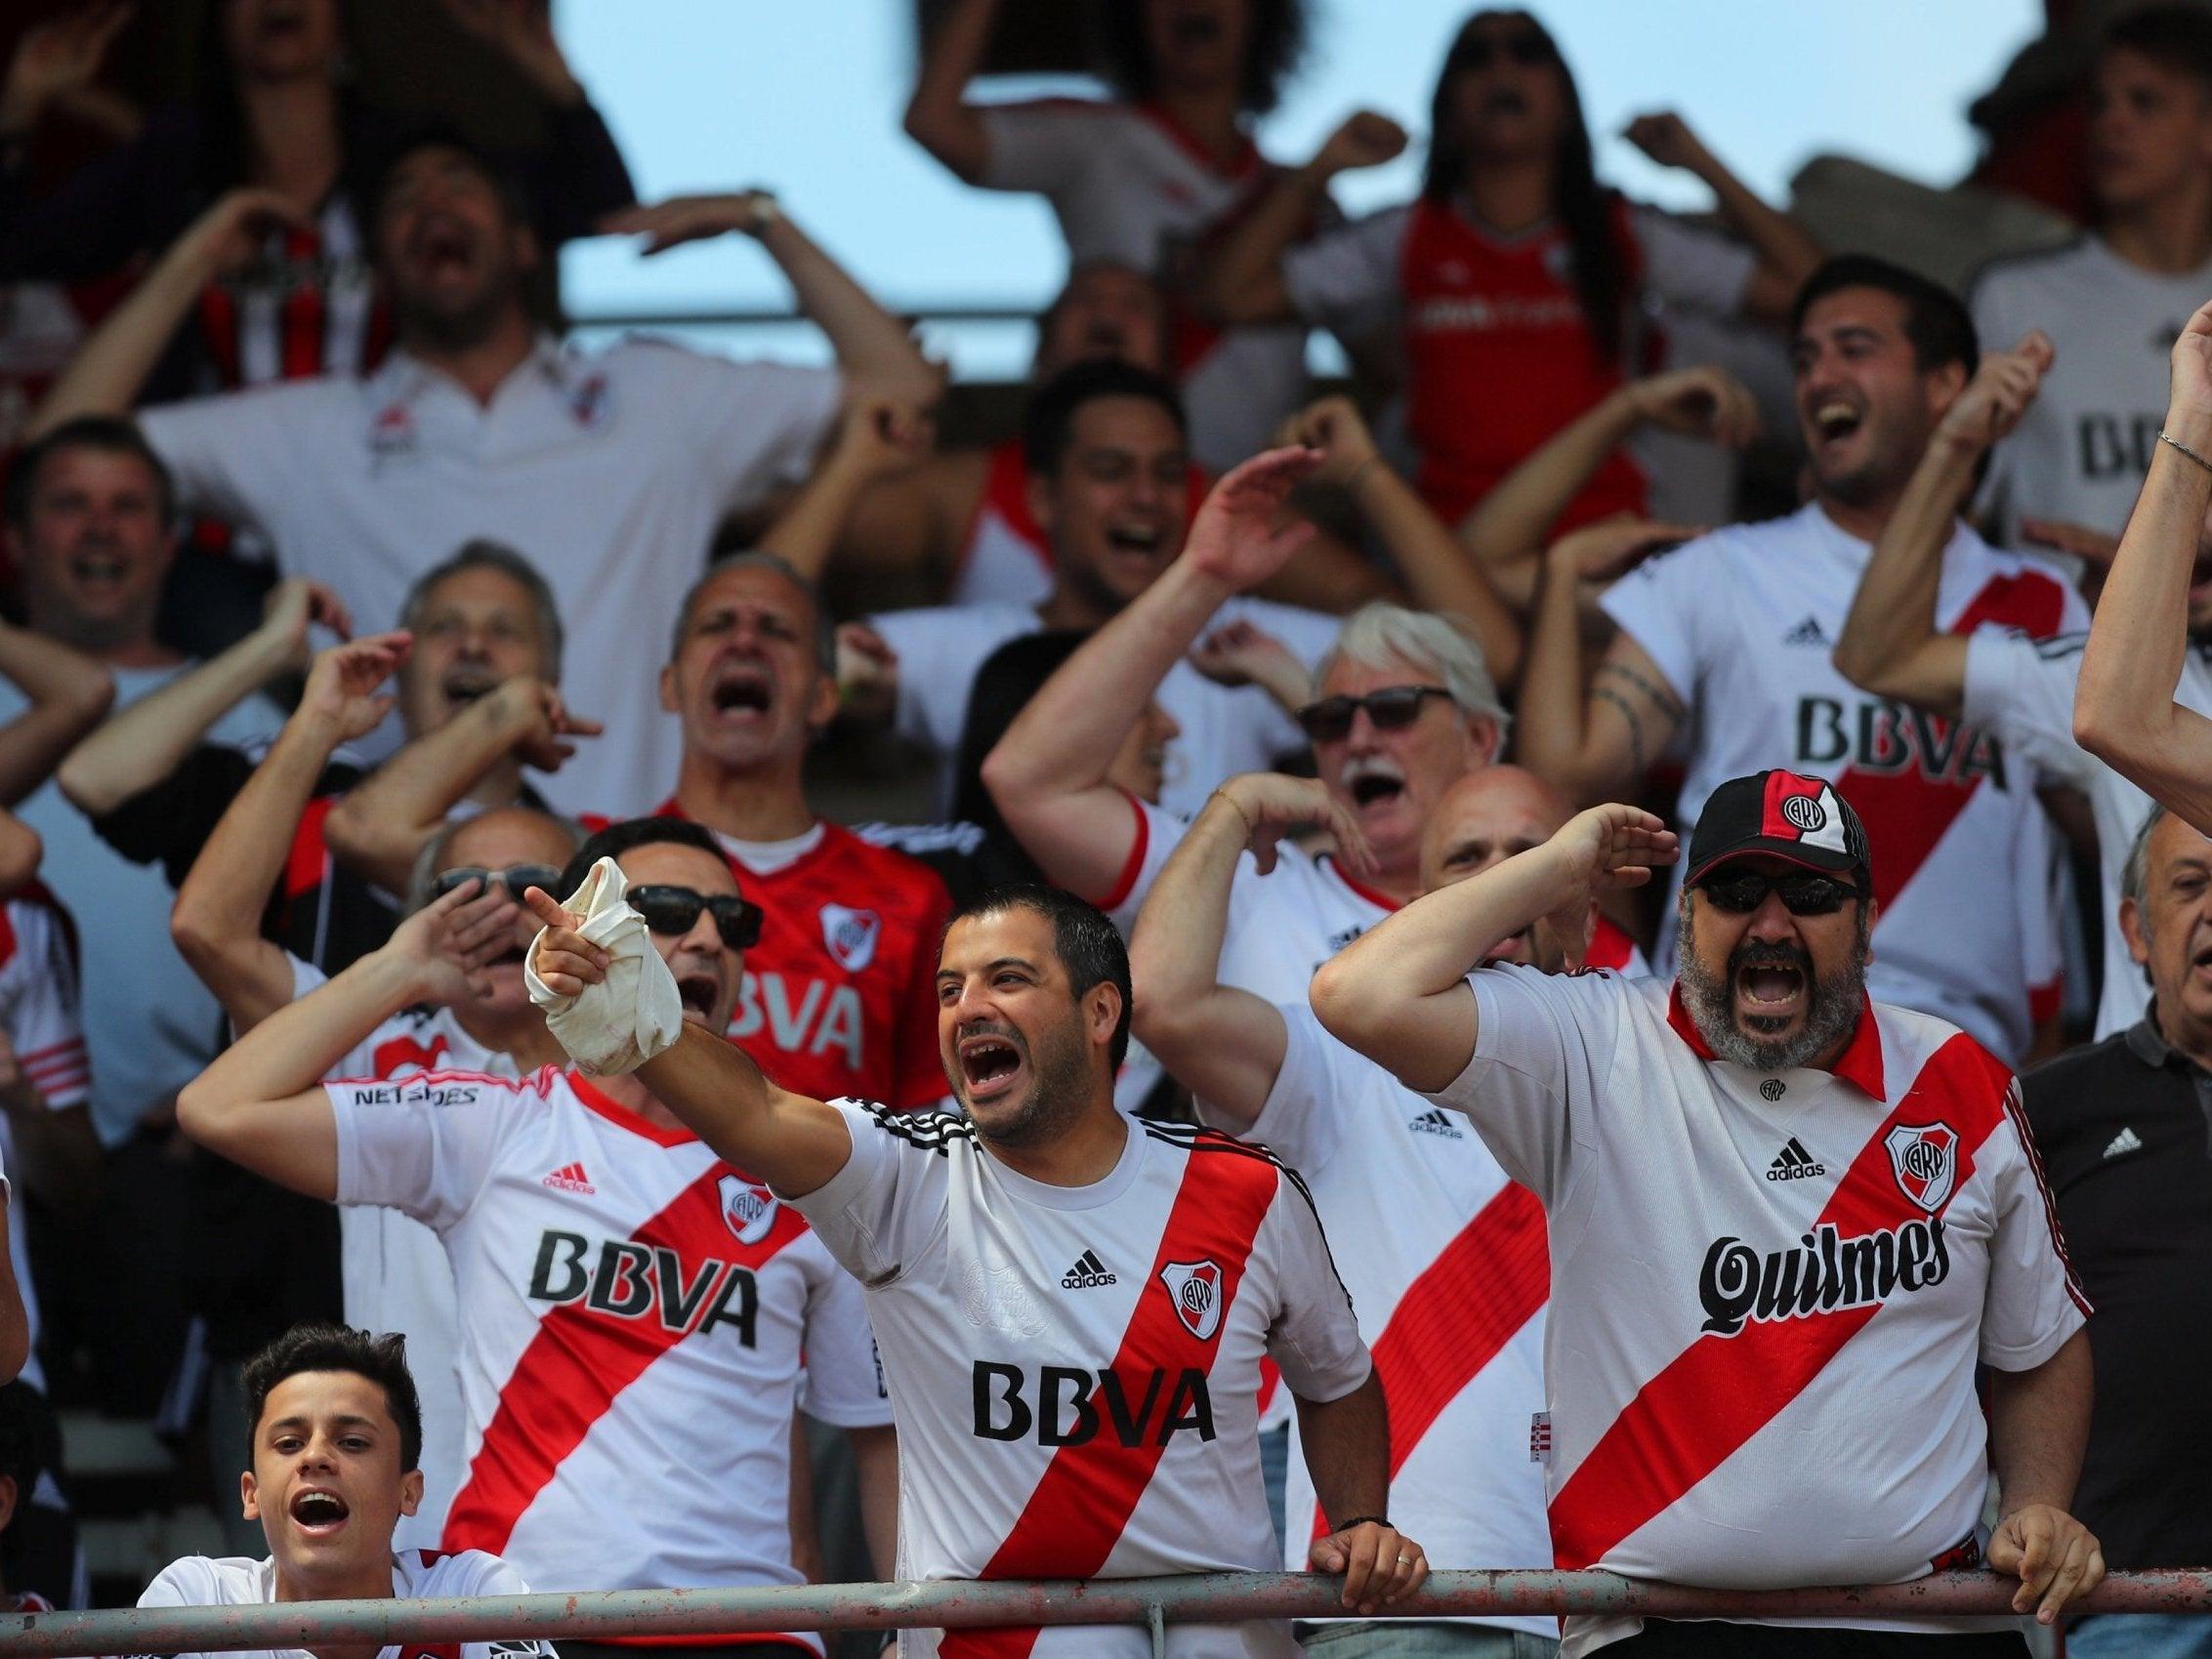 River Plate: Copa Libertadores: River Plate Vs Boca Juniors, As It